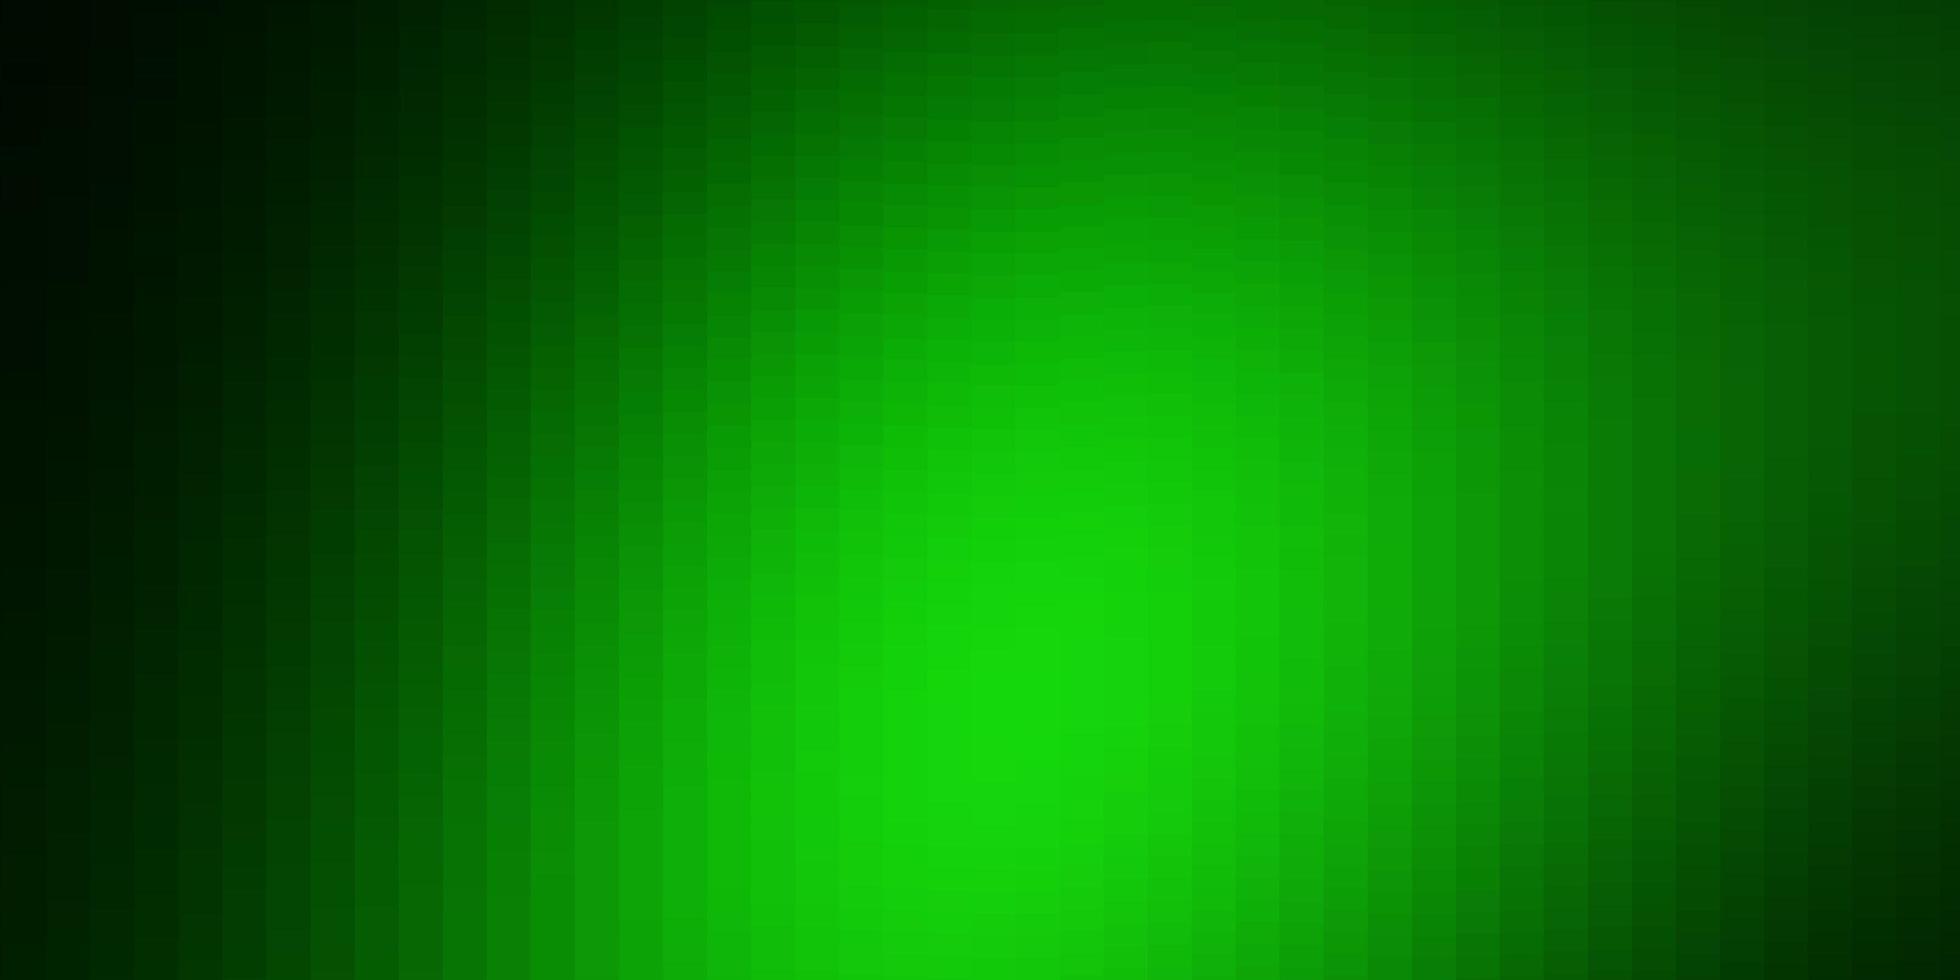 hellgrünes Vektorlayout mit Linien, Rechtecken. vektor